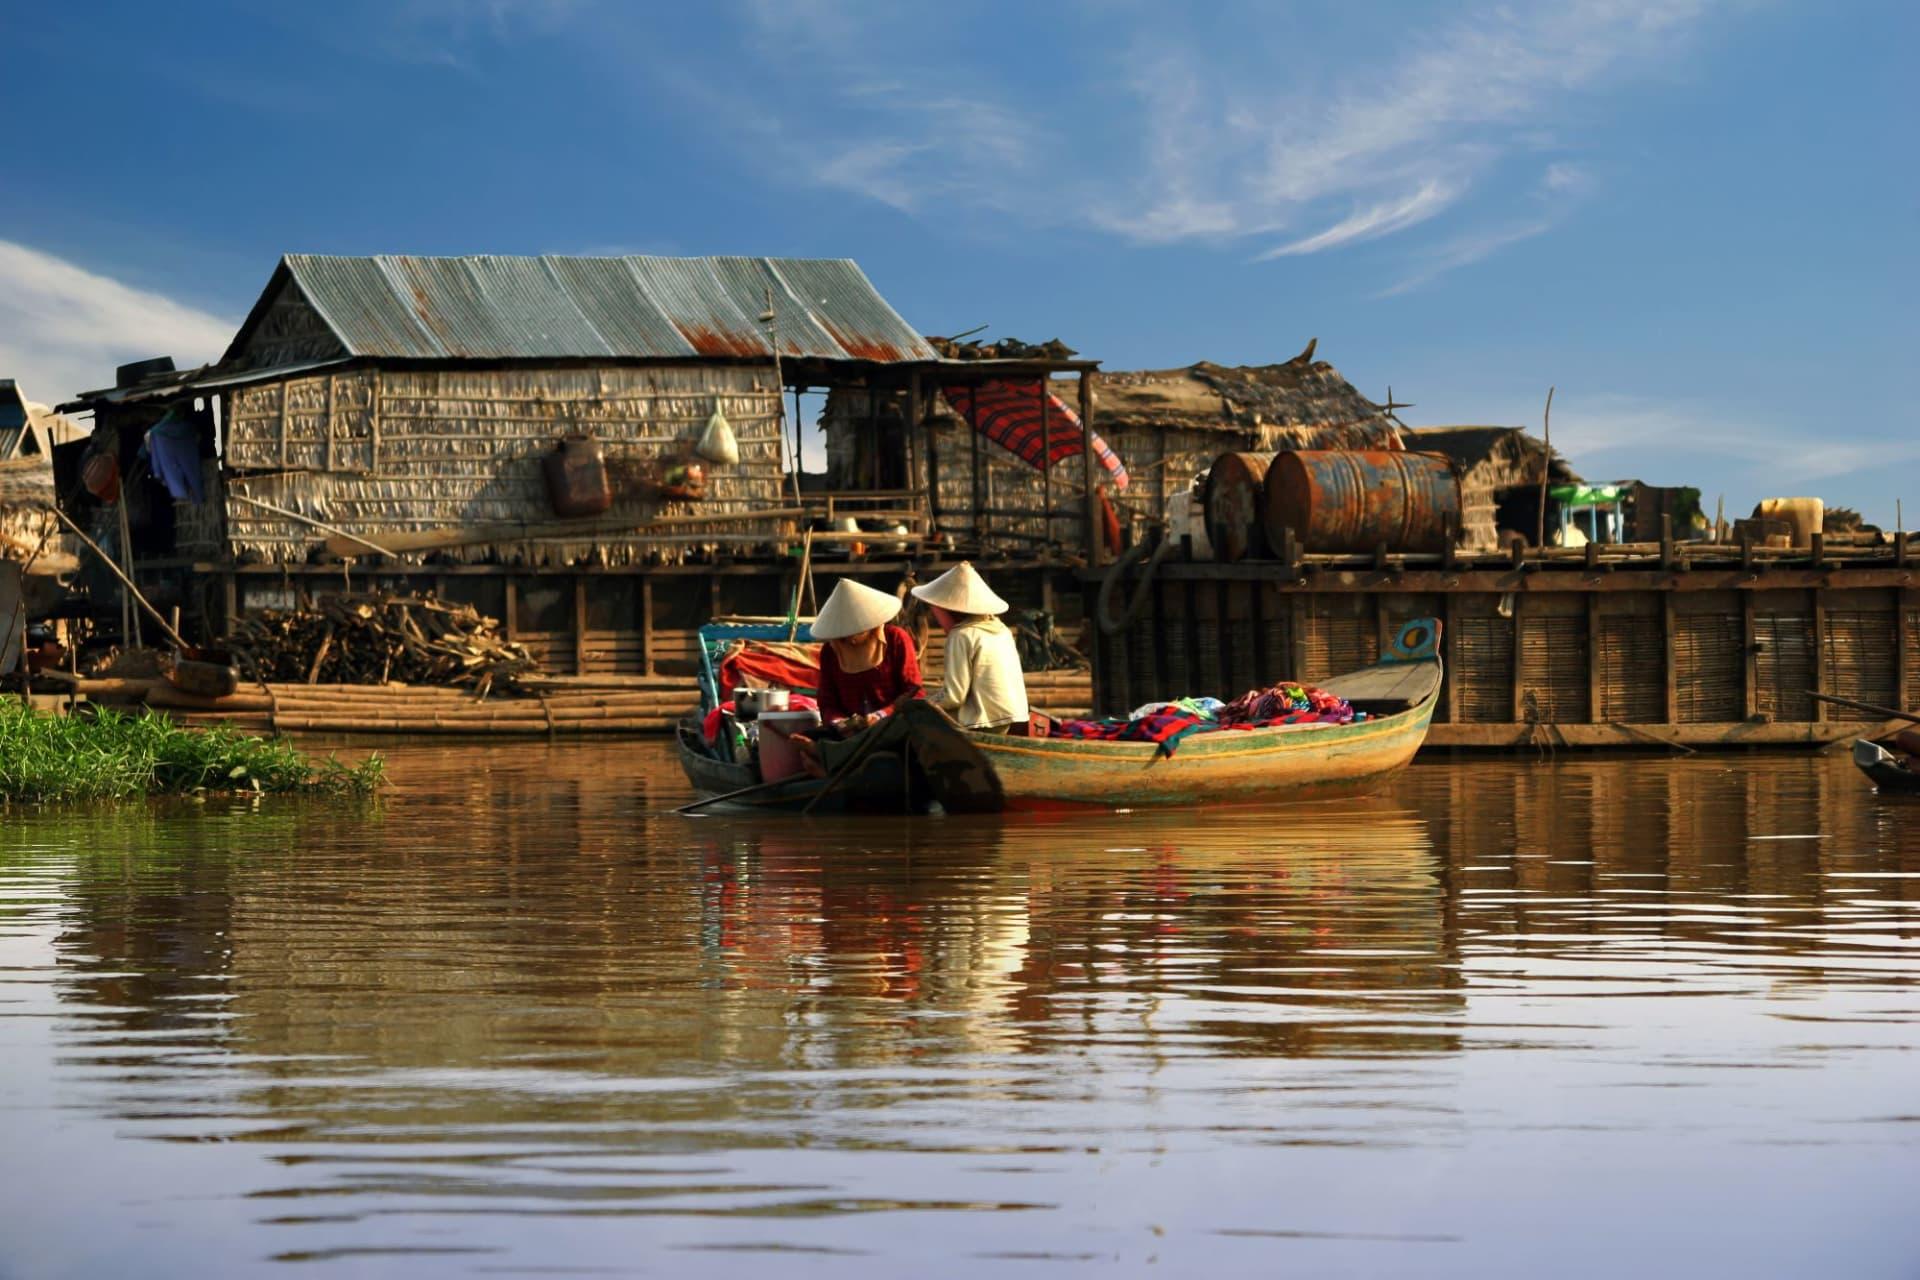 Tonle Sap women sail on a boat